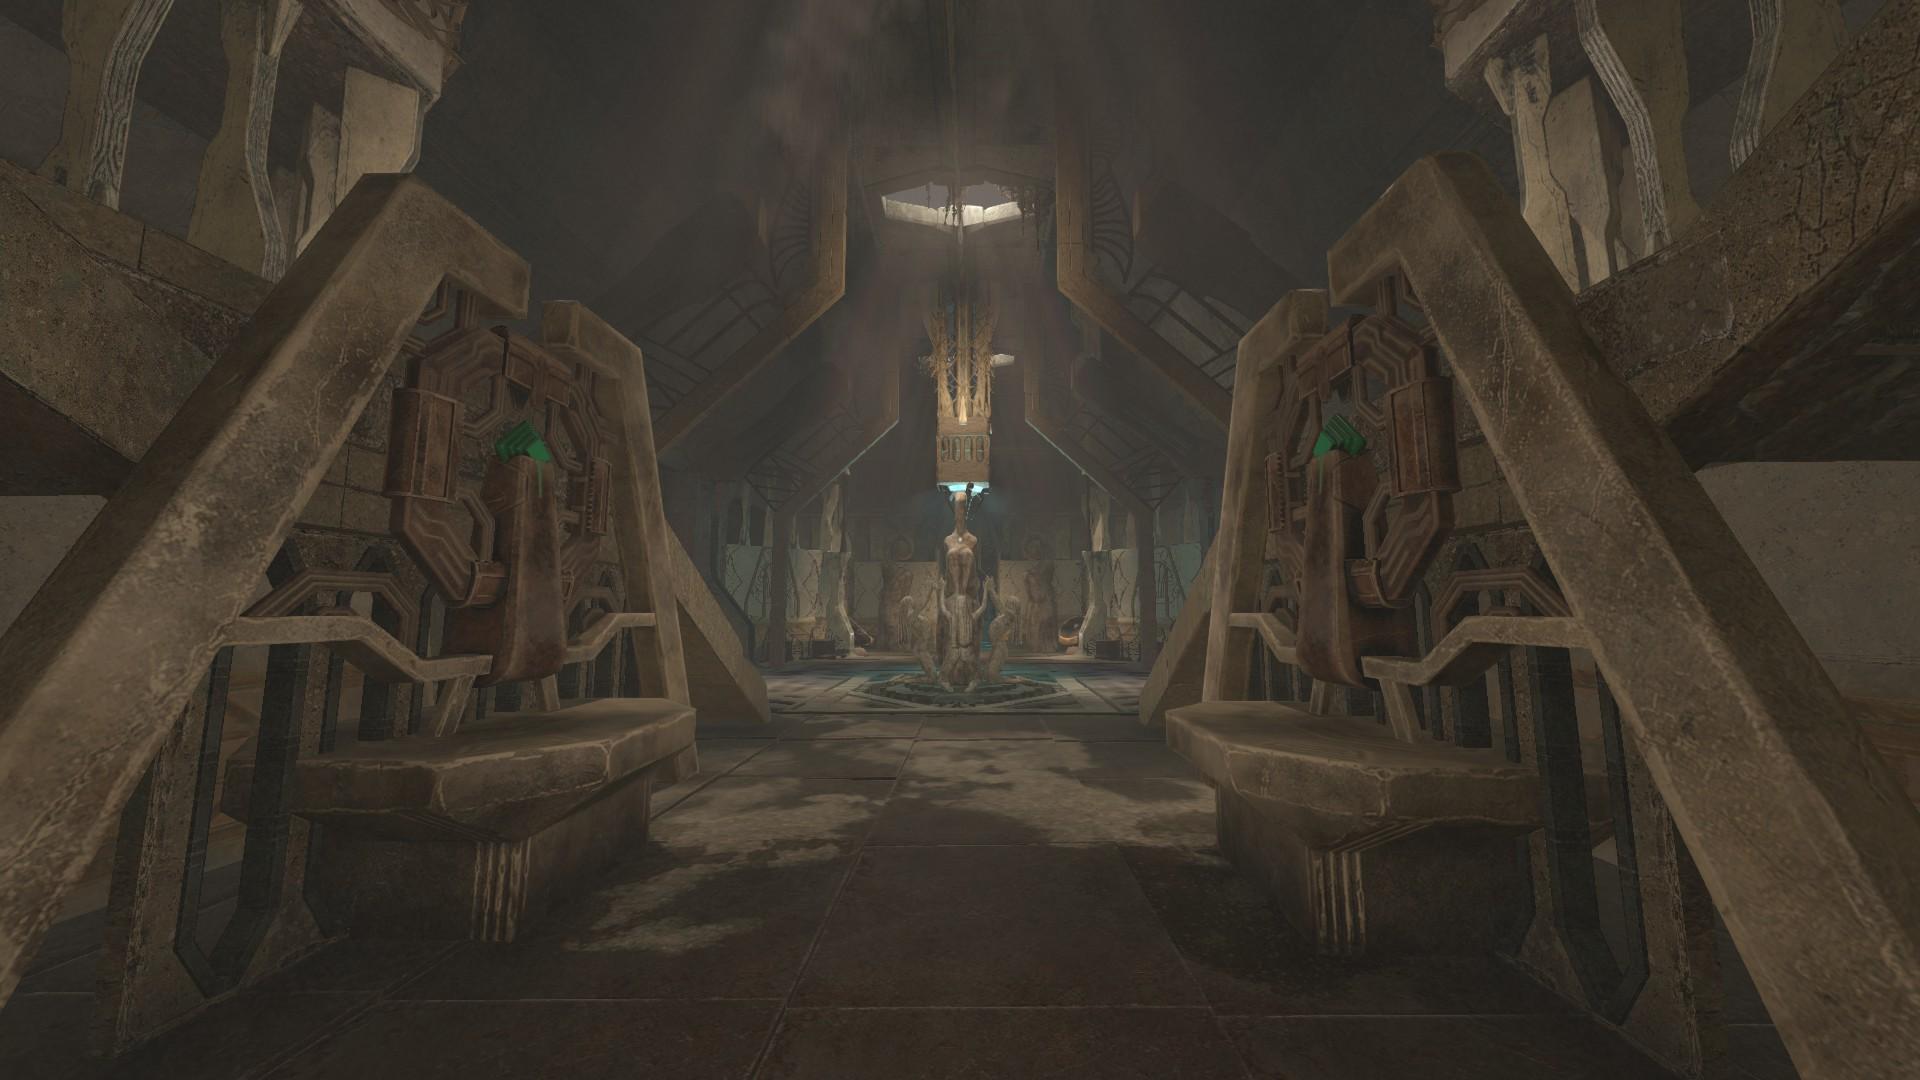 O jogo fica cada vez mais estranho com tecnologia alienígena, até se perder completamente no personagem.